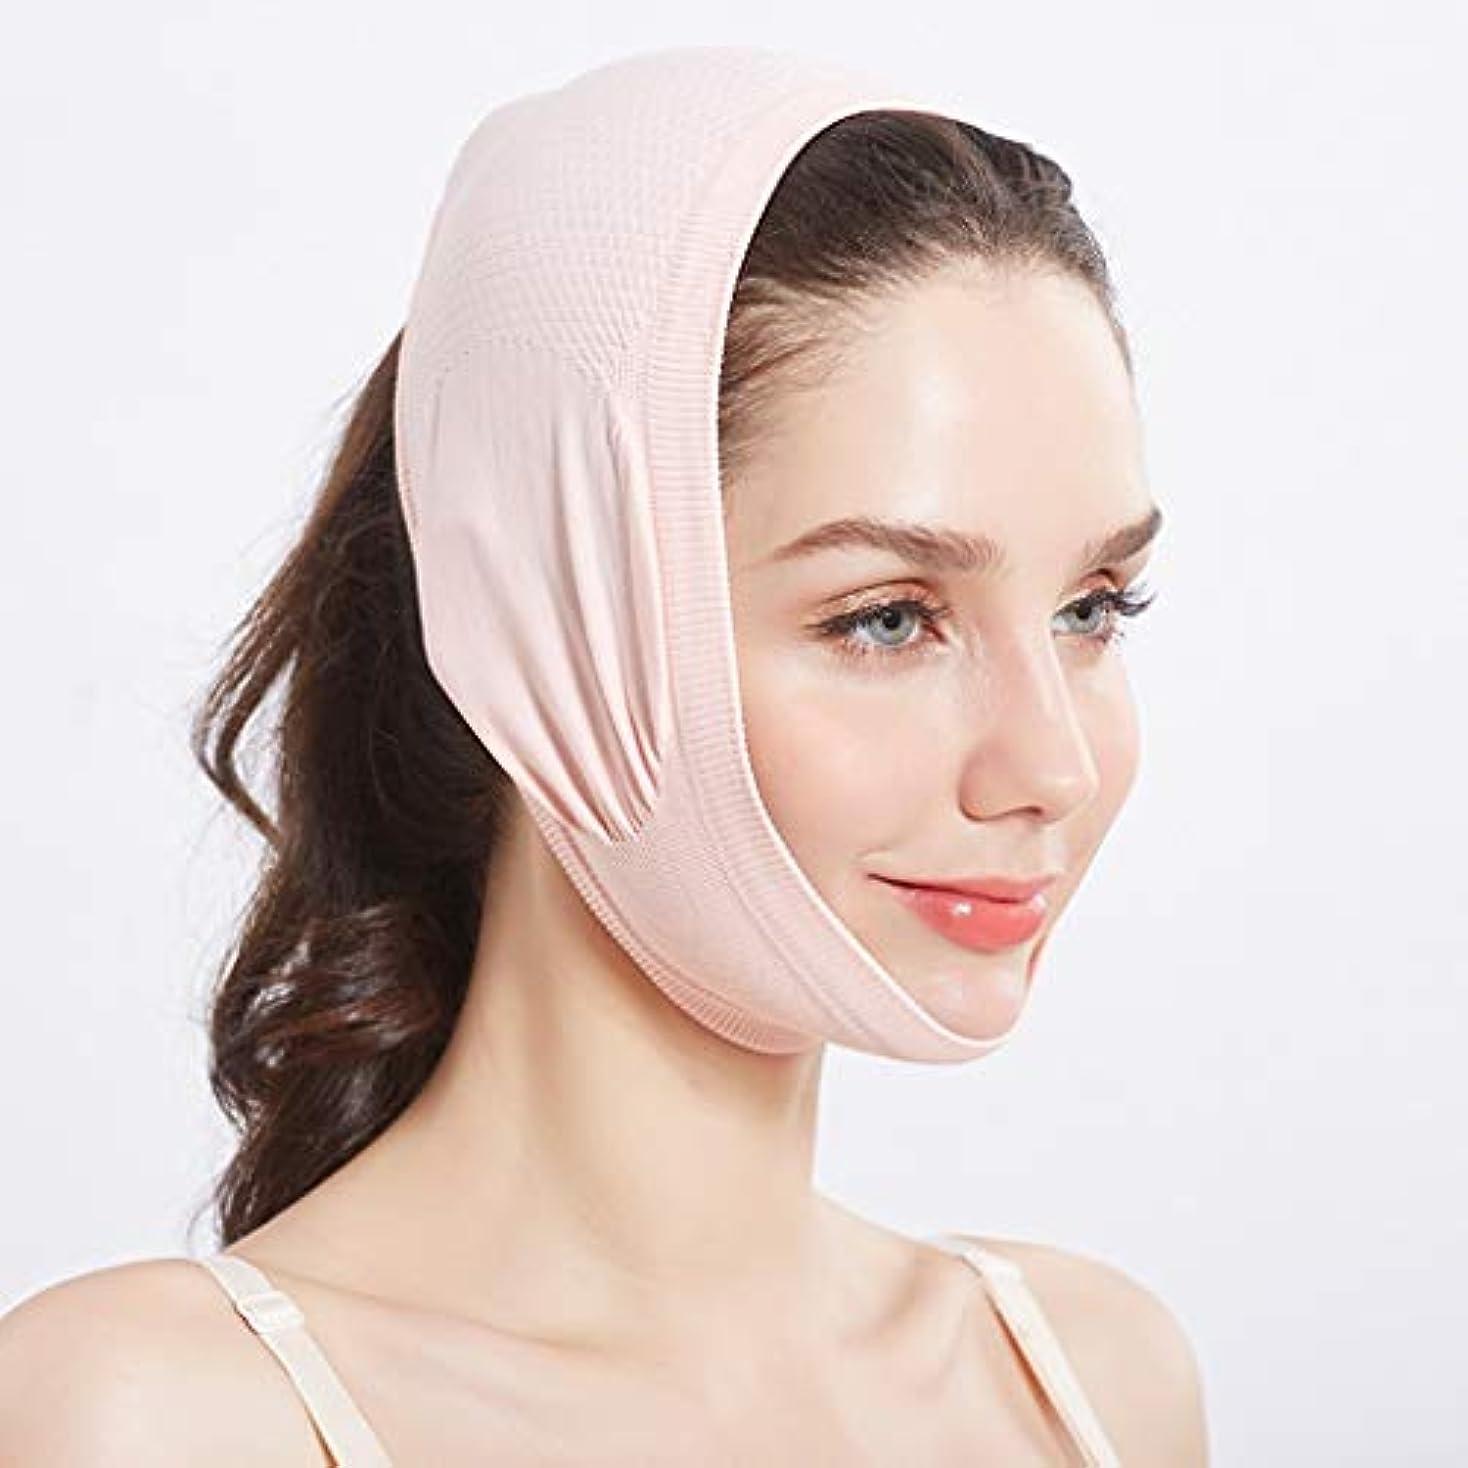 ヘルパーバルセロナブレスMLX Vラインマスク、チンアップパッチ、ダブルチンリデューサー、フェイスリフトは、輪郭がファーミングモイスはオールナイトマスクリフティング、二重あごのマスク (Color : Pink)